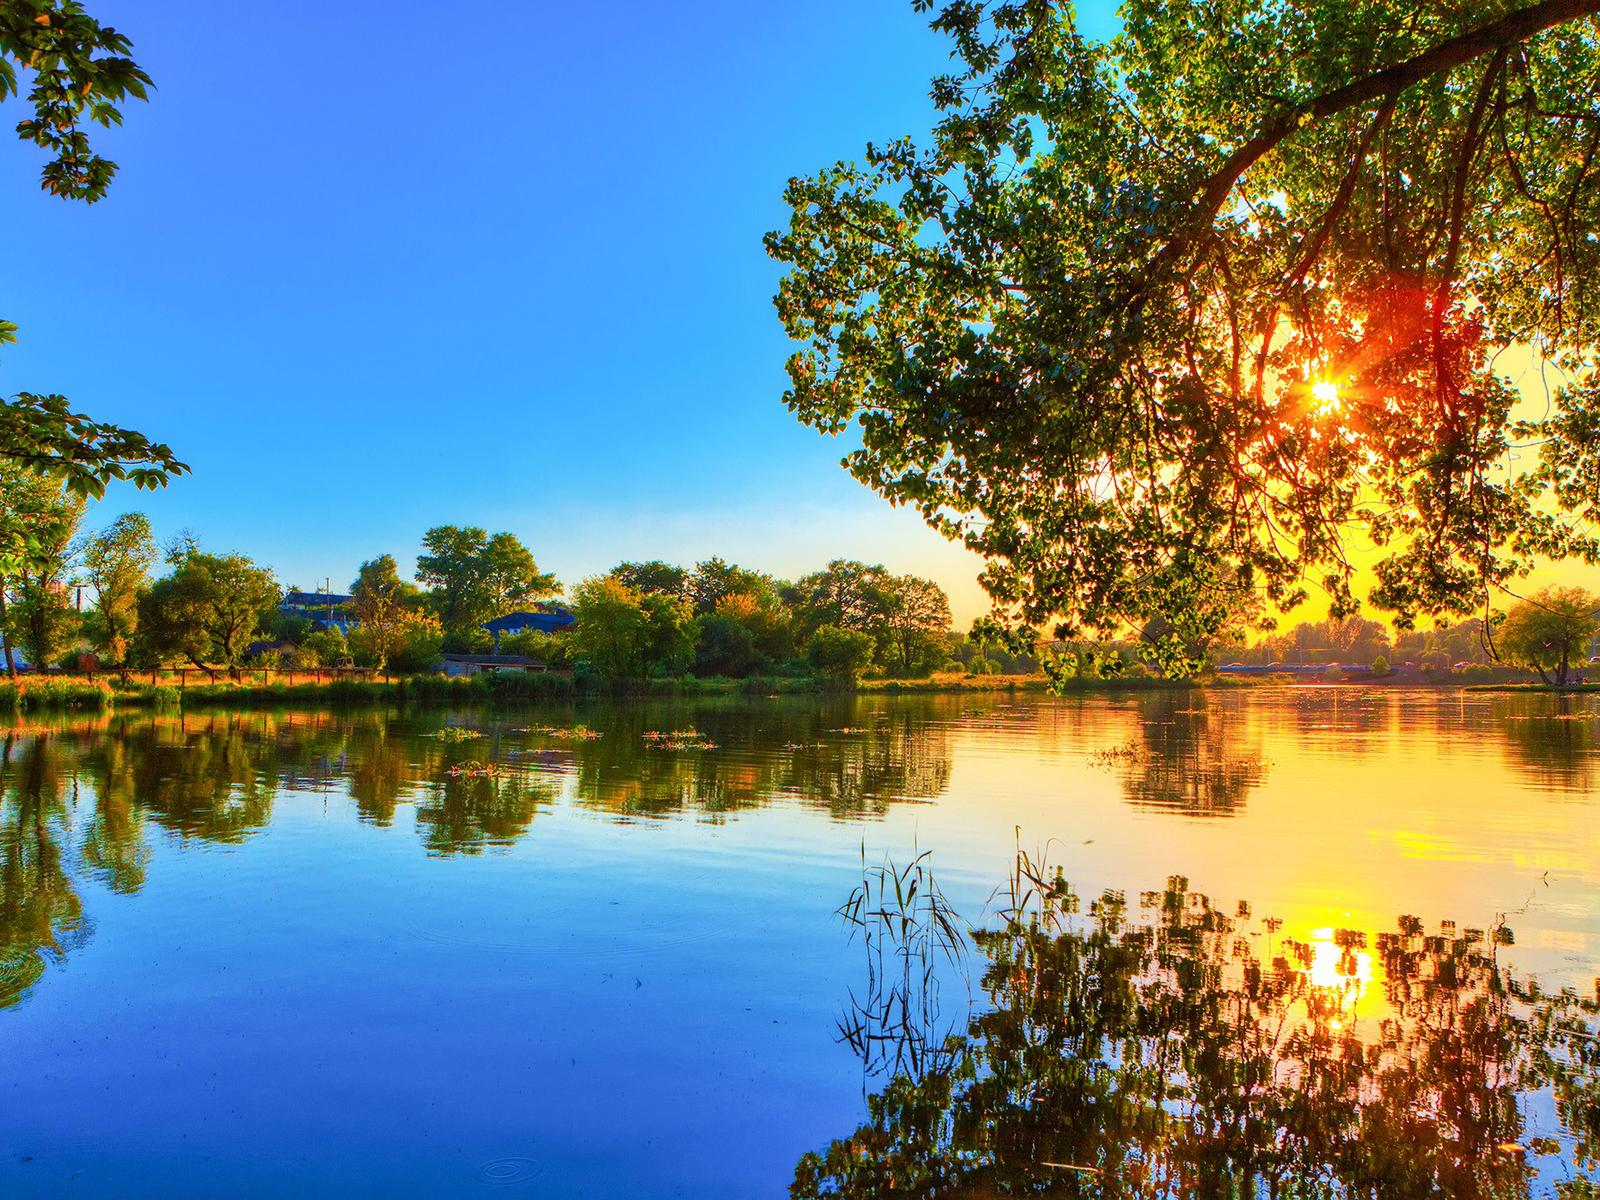 20727 скачать обои Пейзаж, Река, Деревья, Закат - заставки и картинки бесплатно